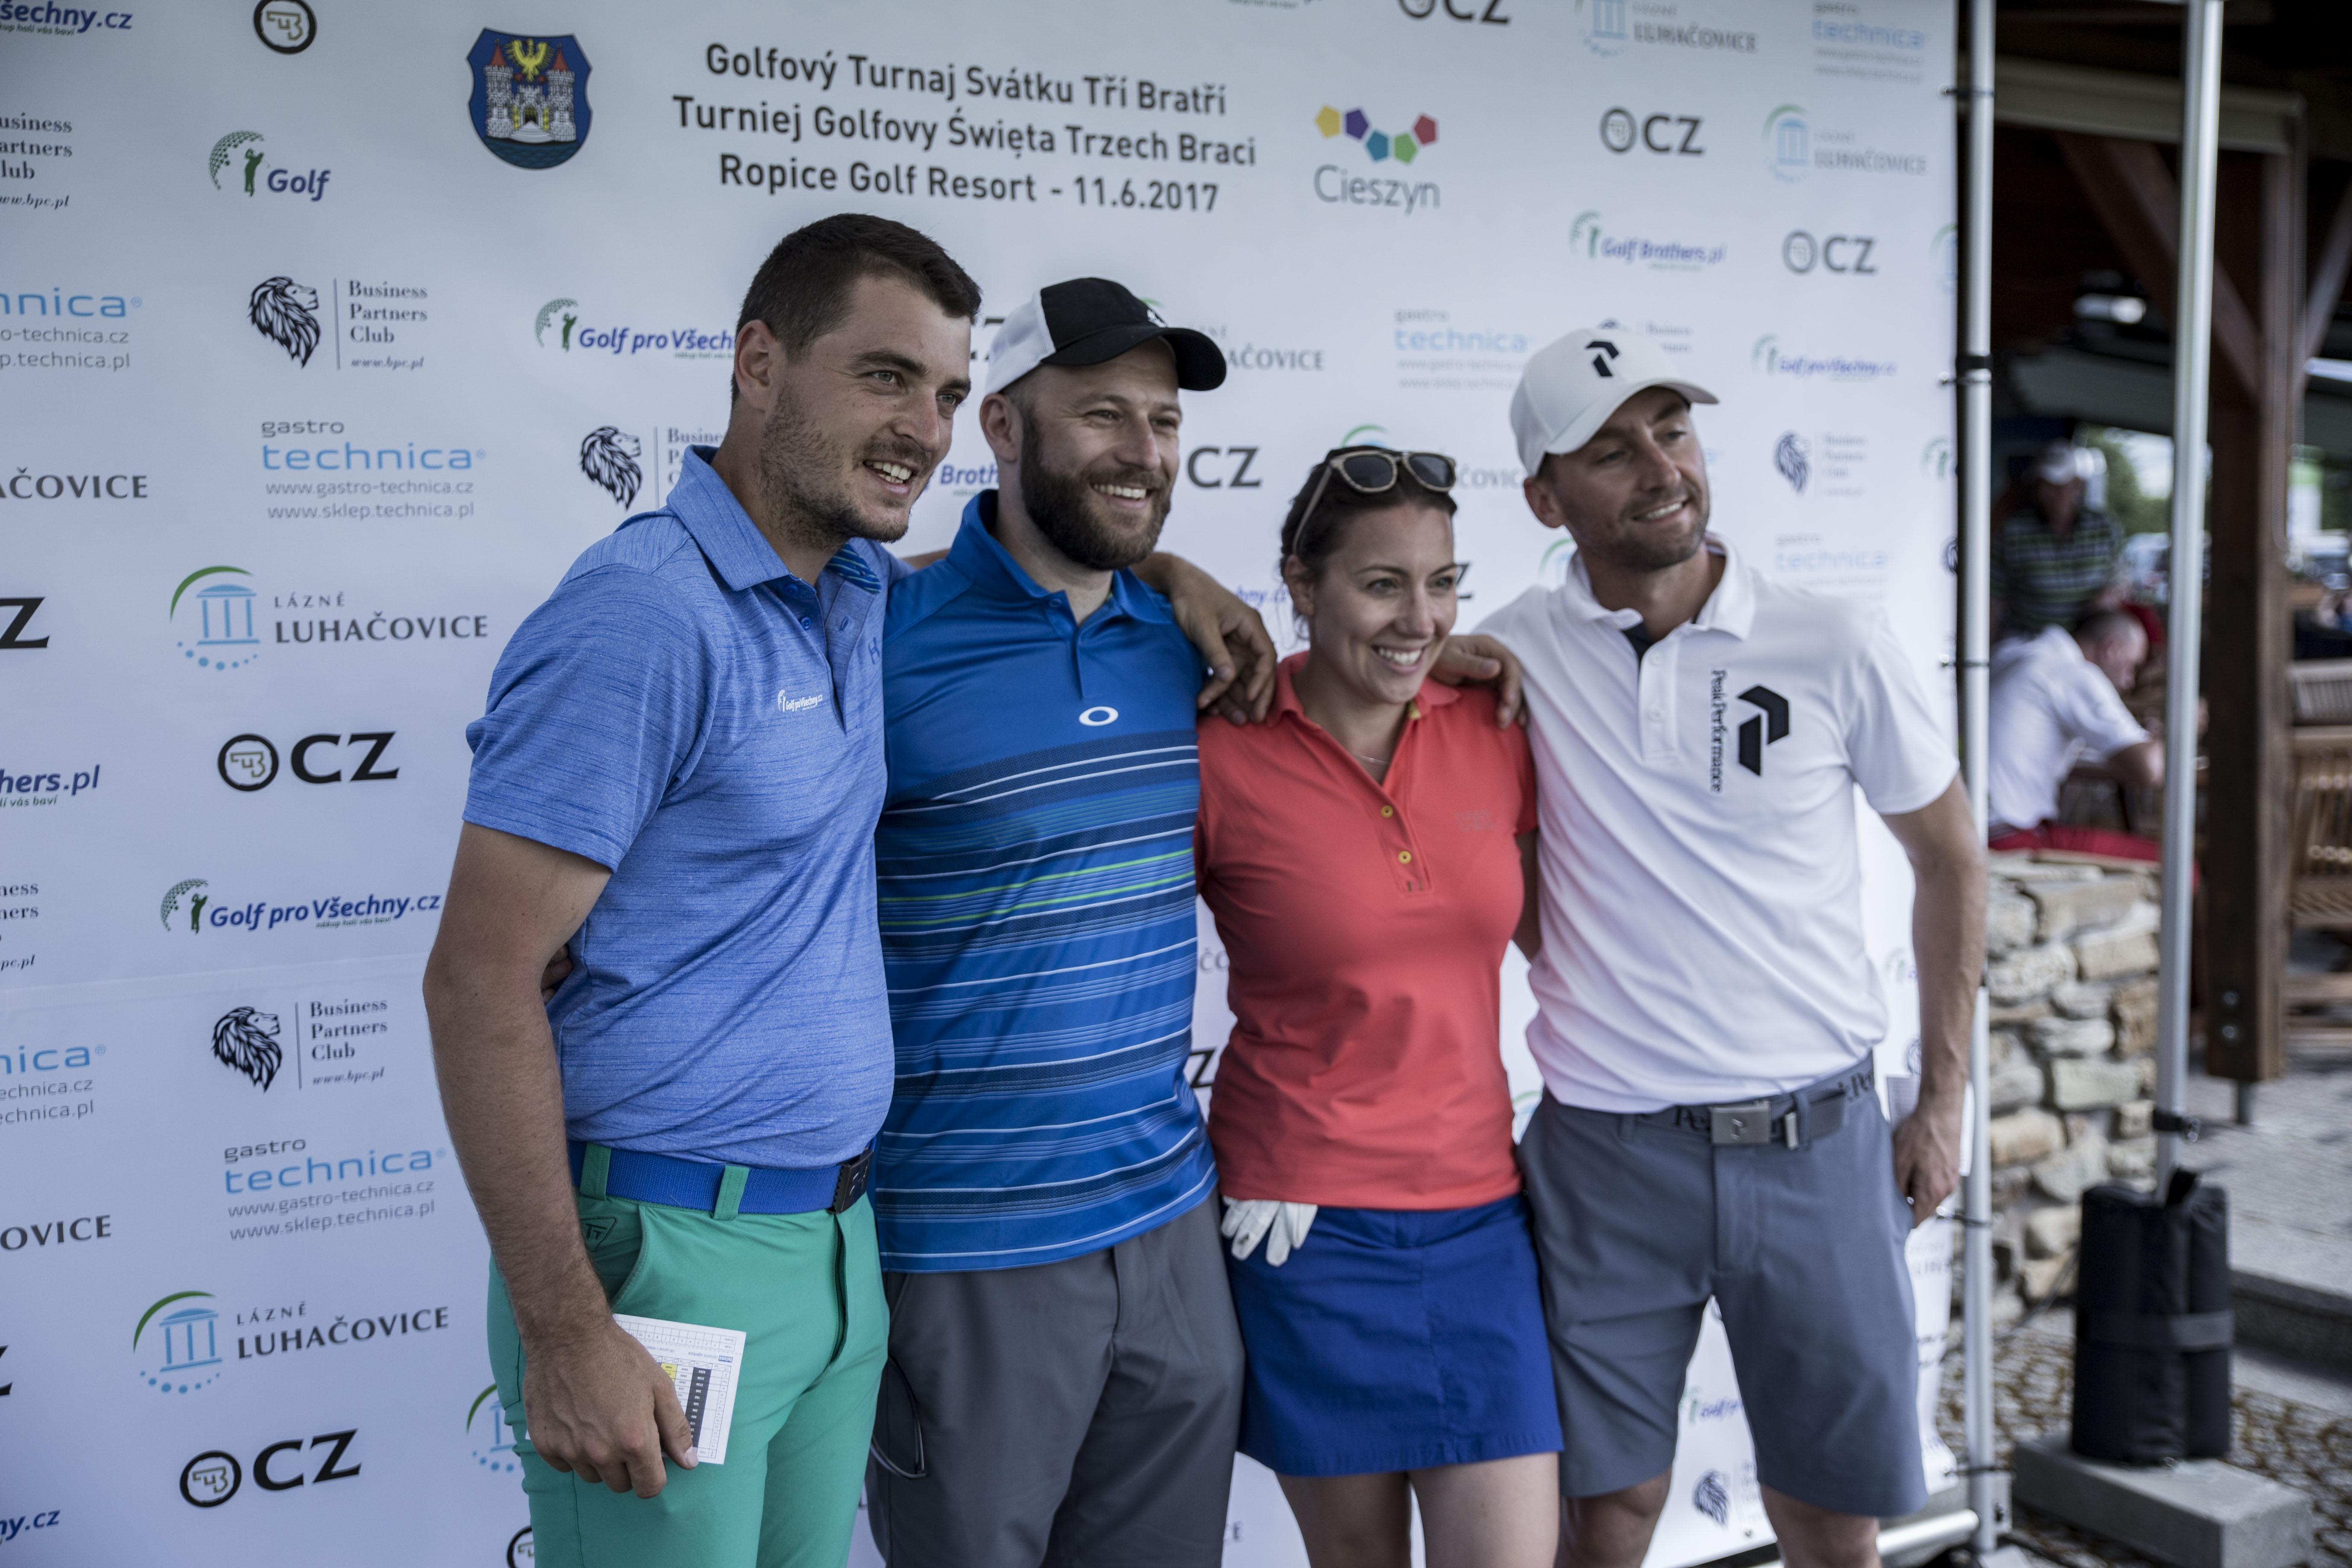 Tomáš Milata, Robert Szewczyk, Anna Kalinowska[golfandroll.pl], Michał Ligocki